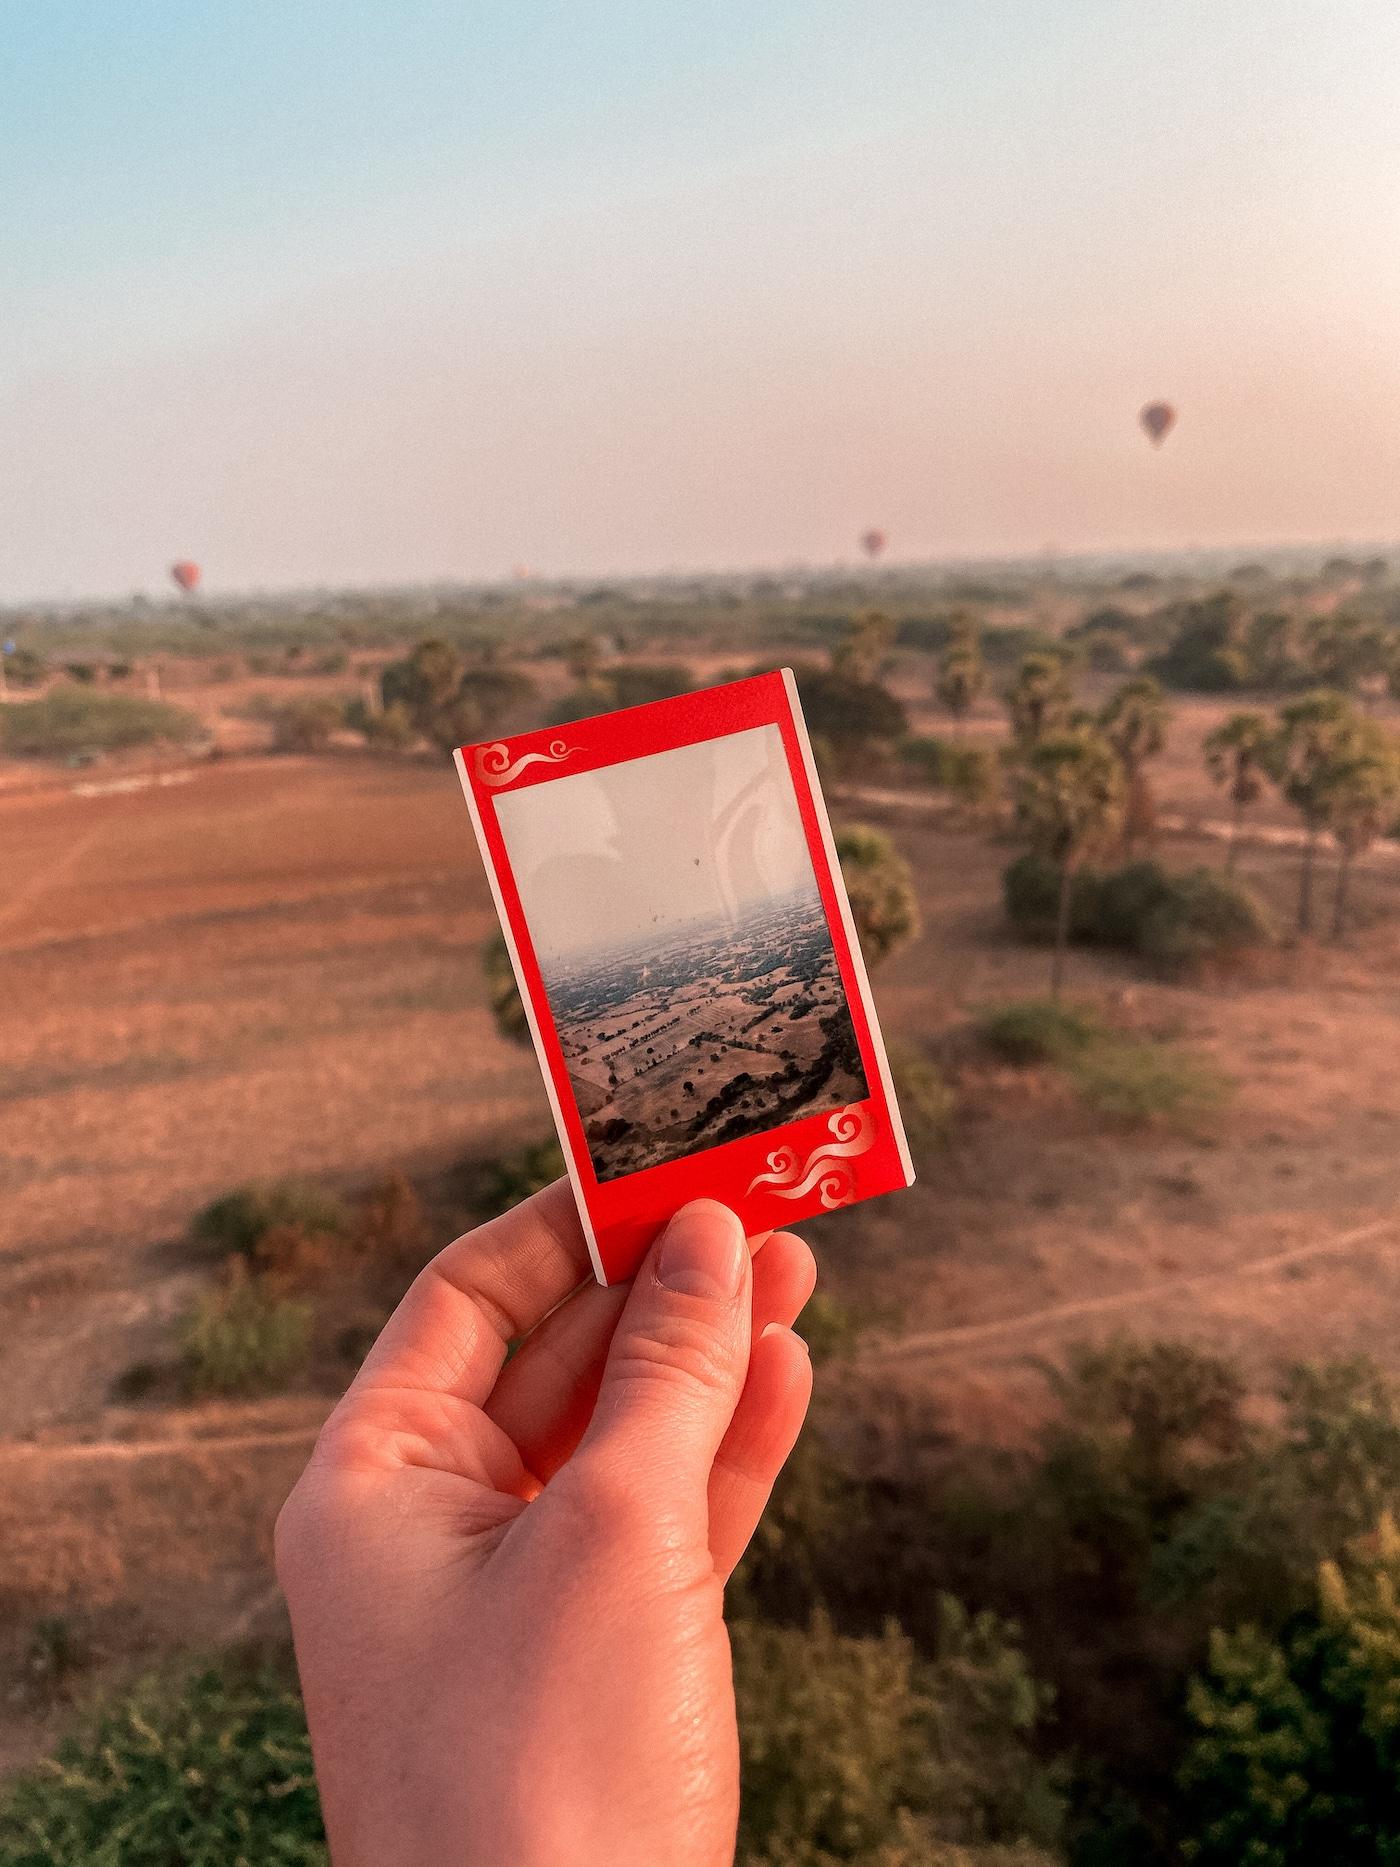 Ballonfahrt Polaroid